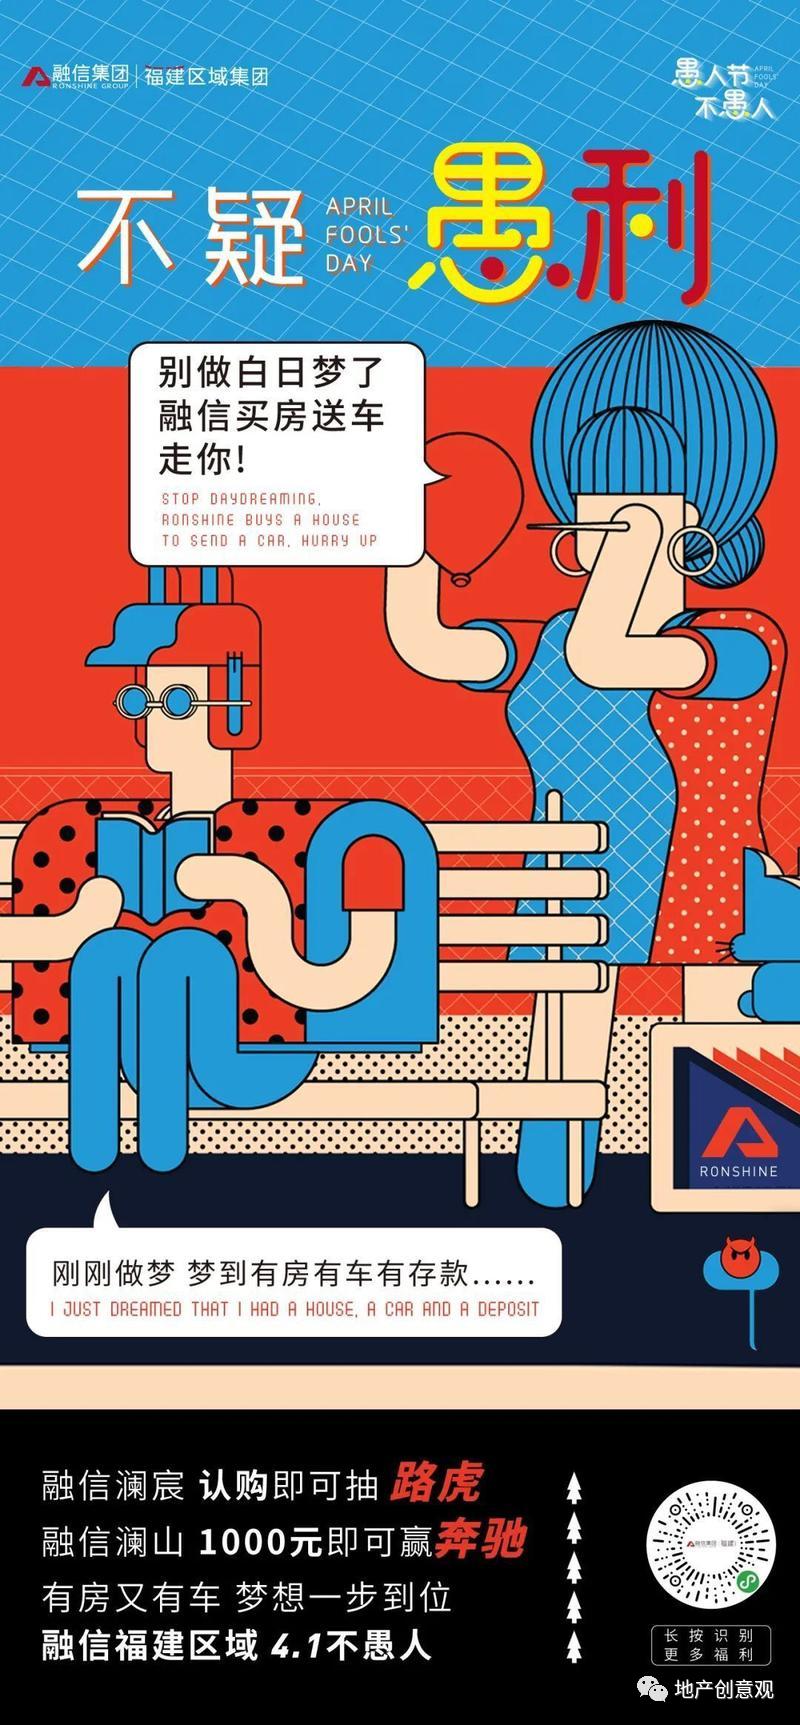 地产广告丨2021愚人节借势海报文案欣赏~插图180